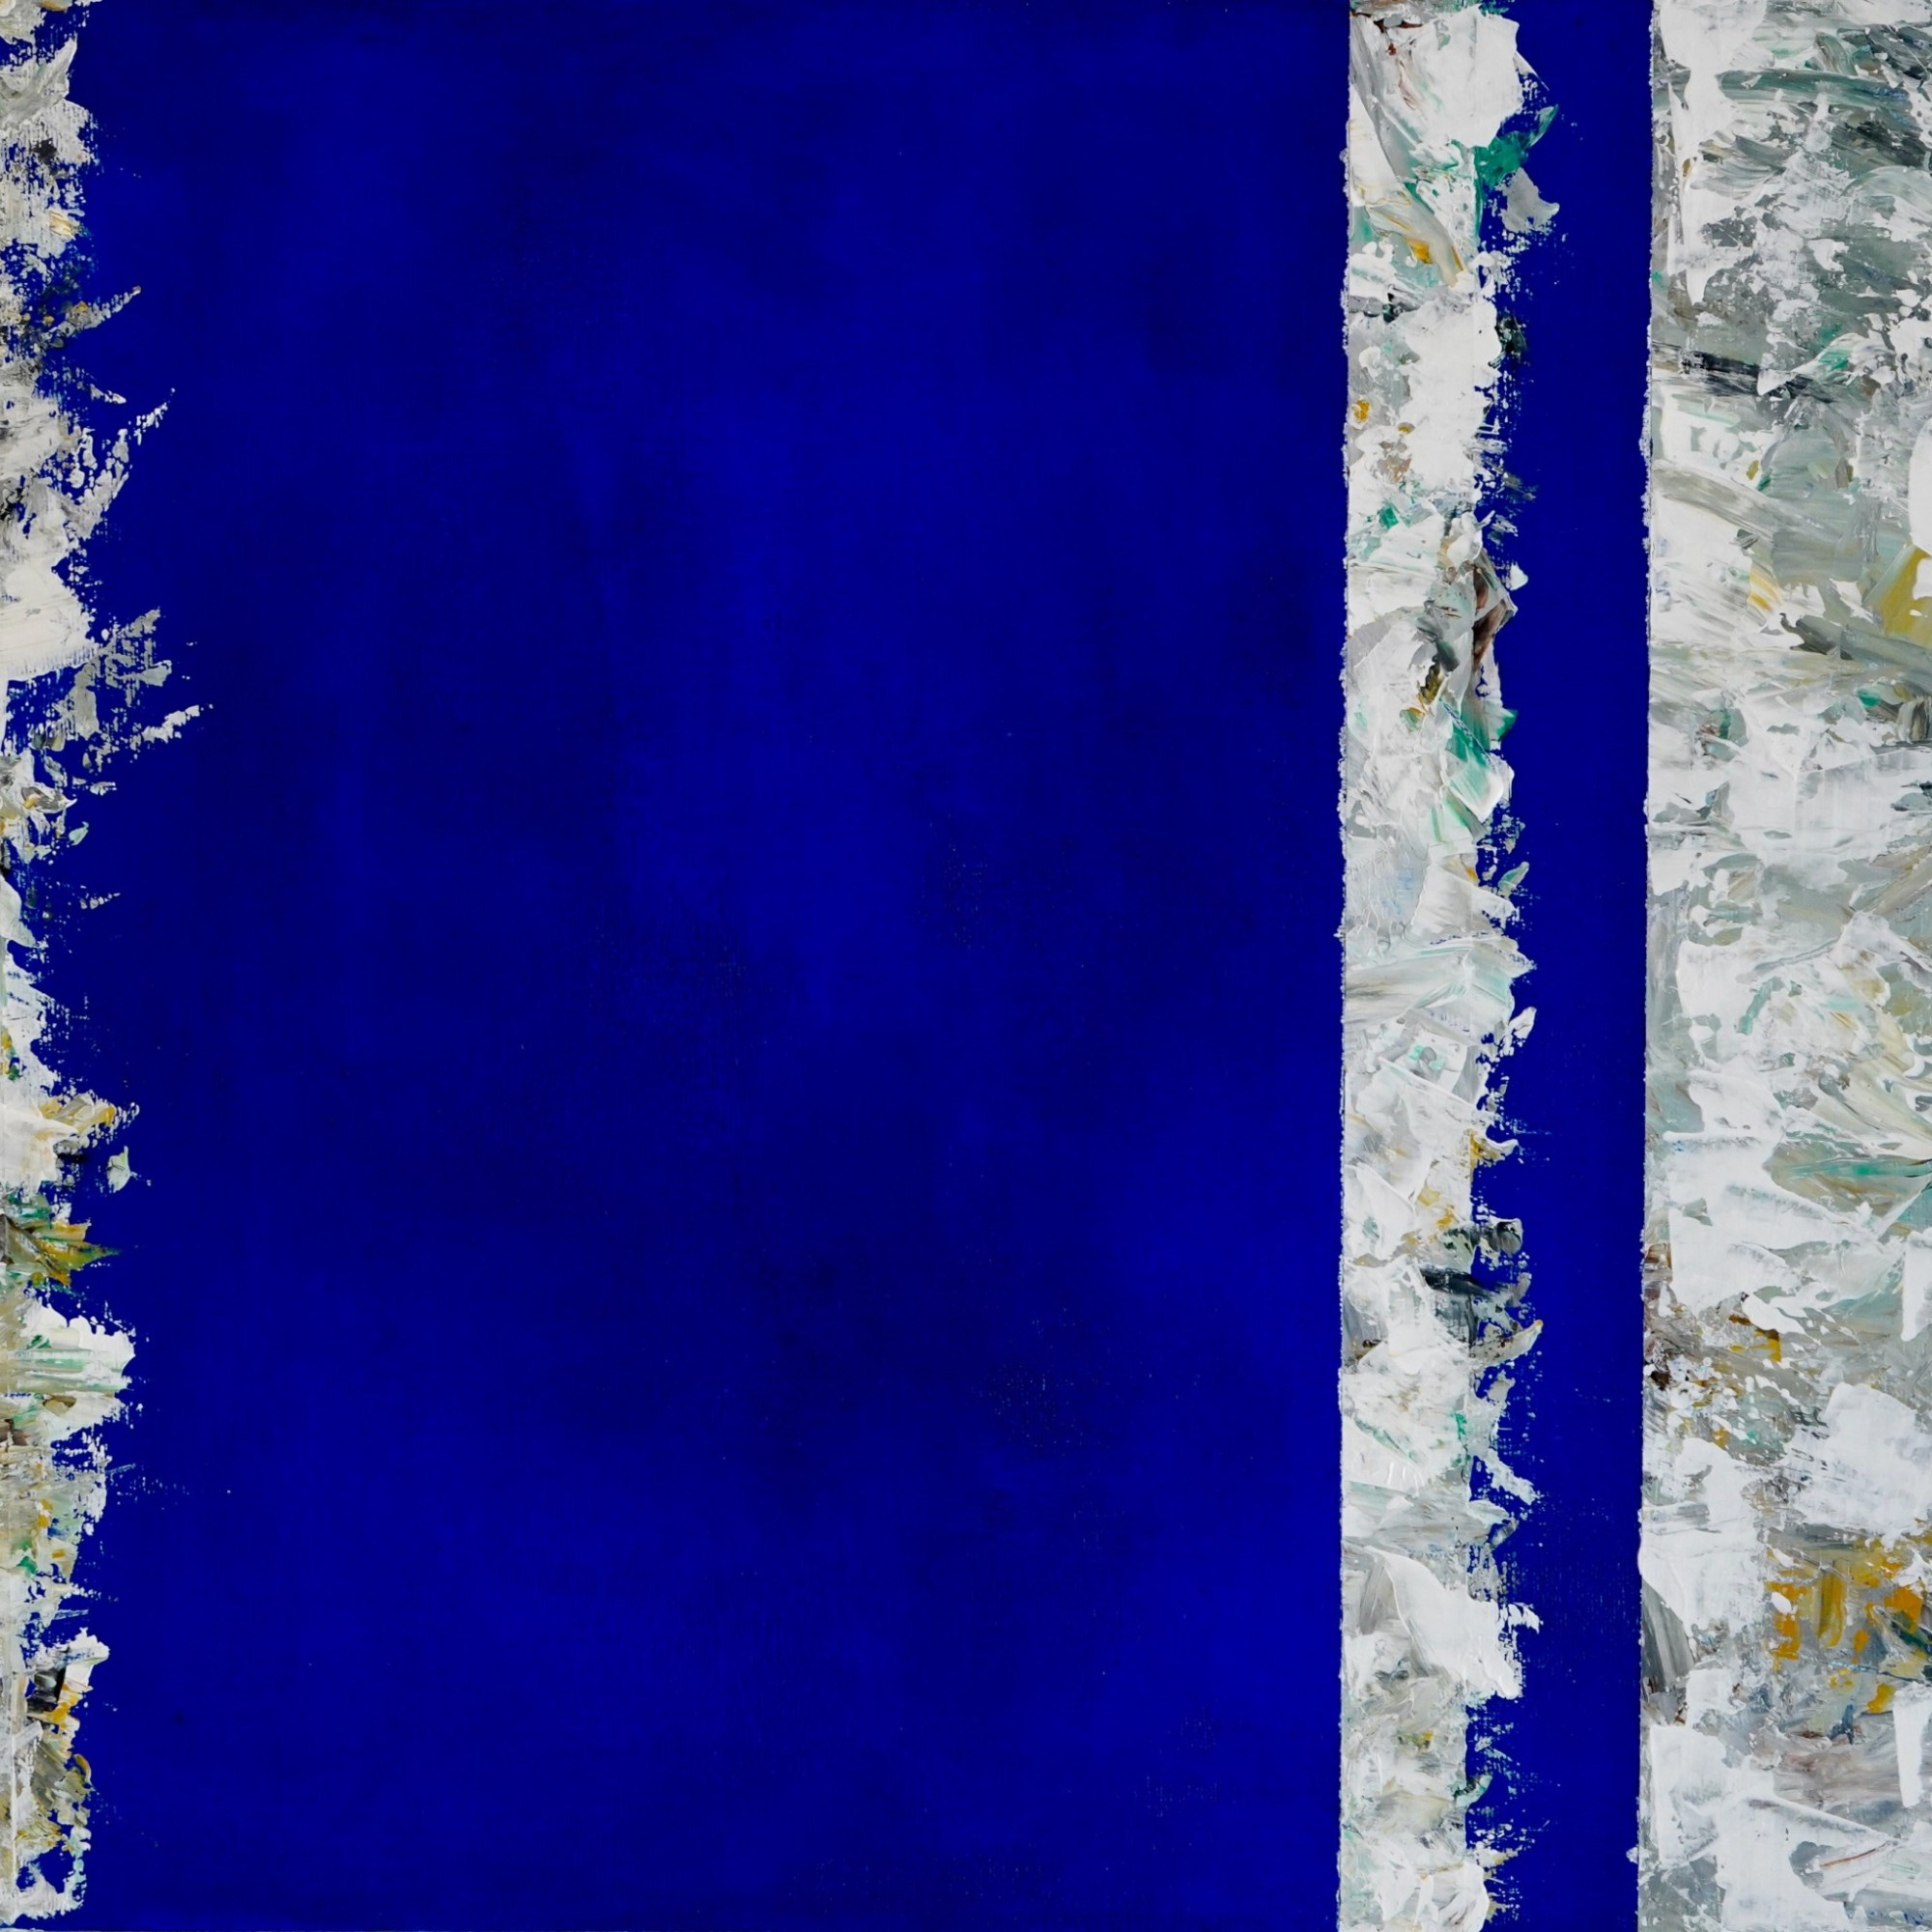 Coast - Petrina Burkard